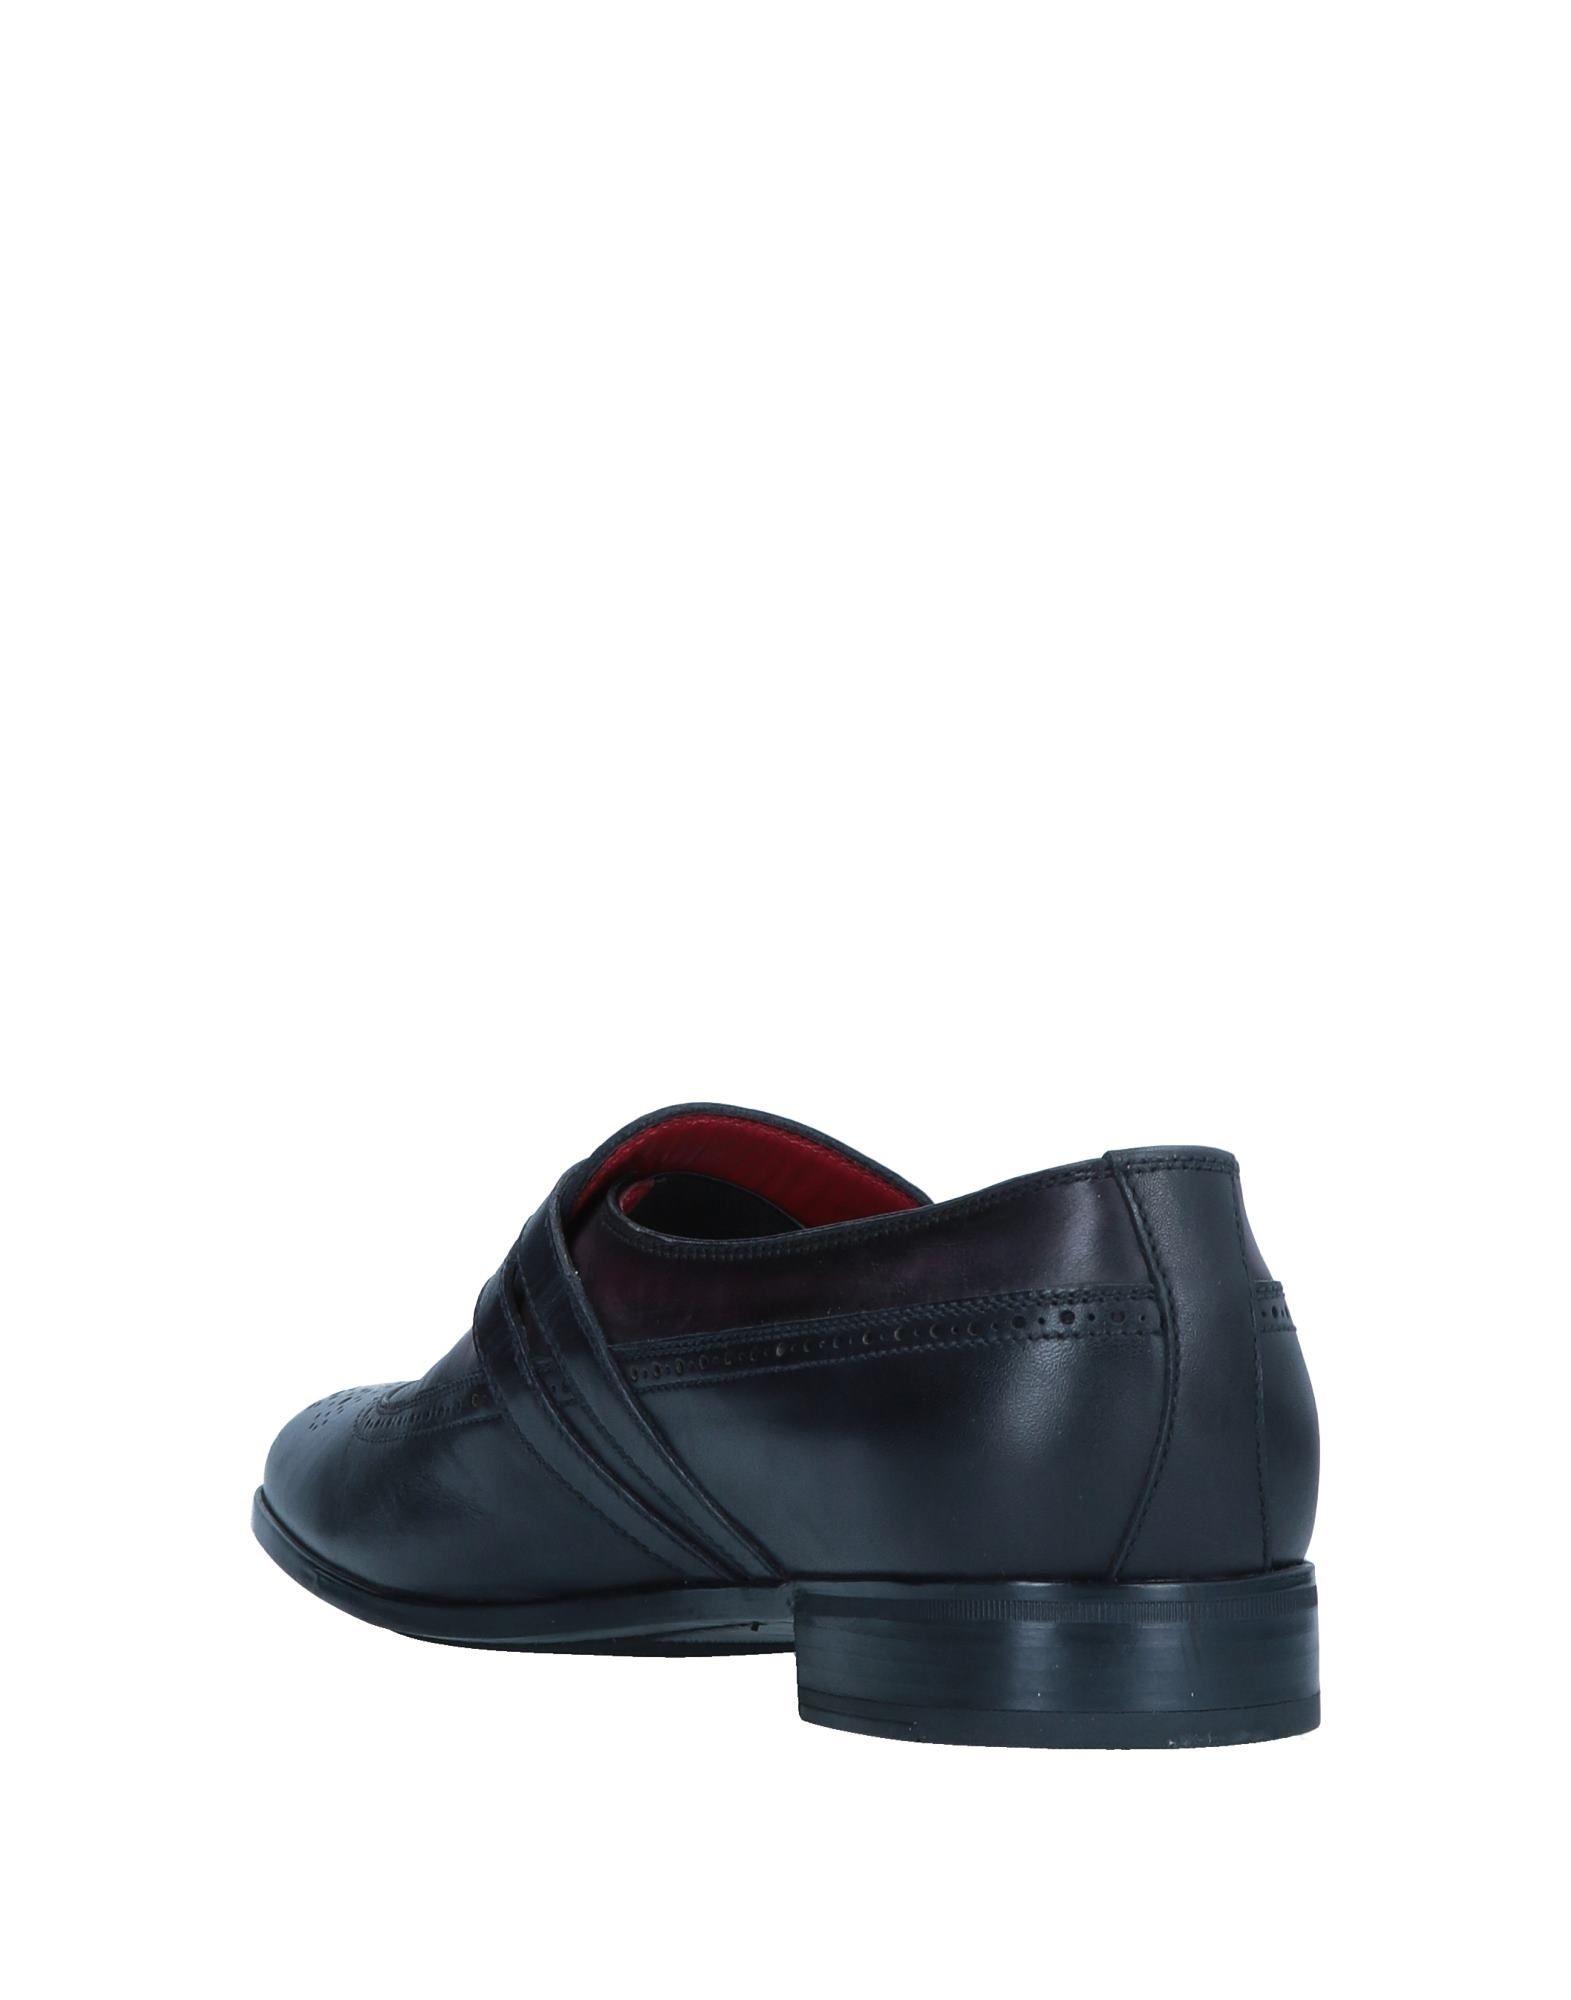 Barrett Mokassins Herren beliebte  11549306XA Gute Qualität beliebte Herren Schuhe d9579d